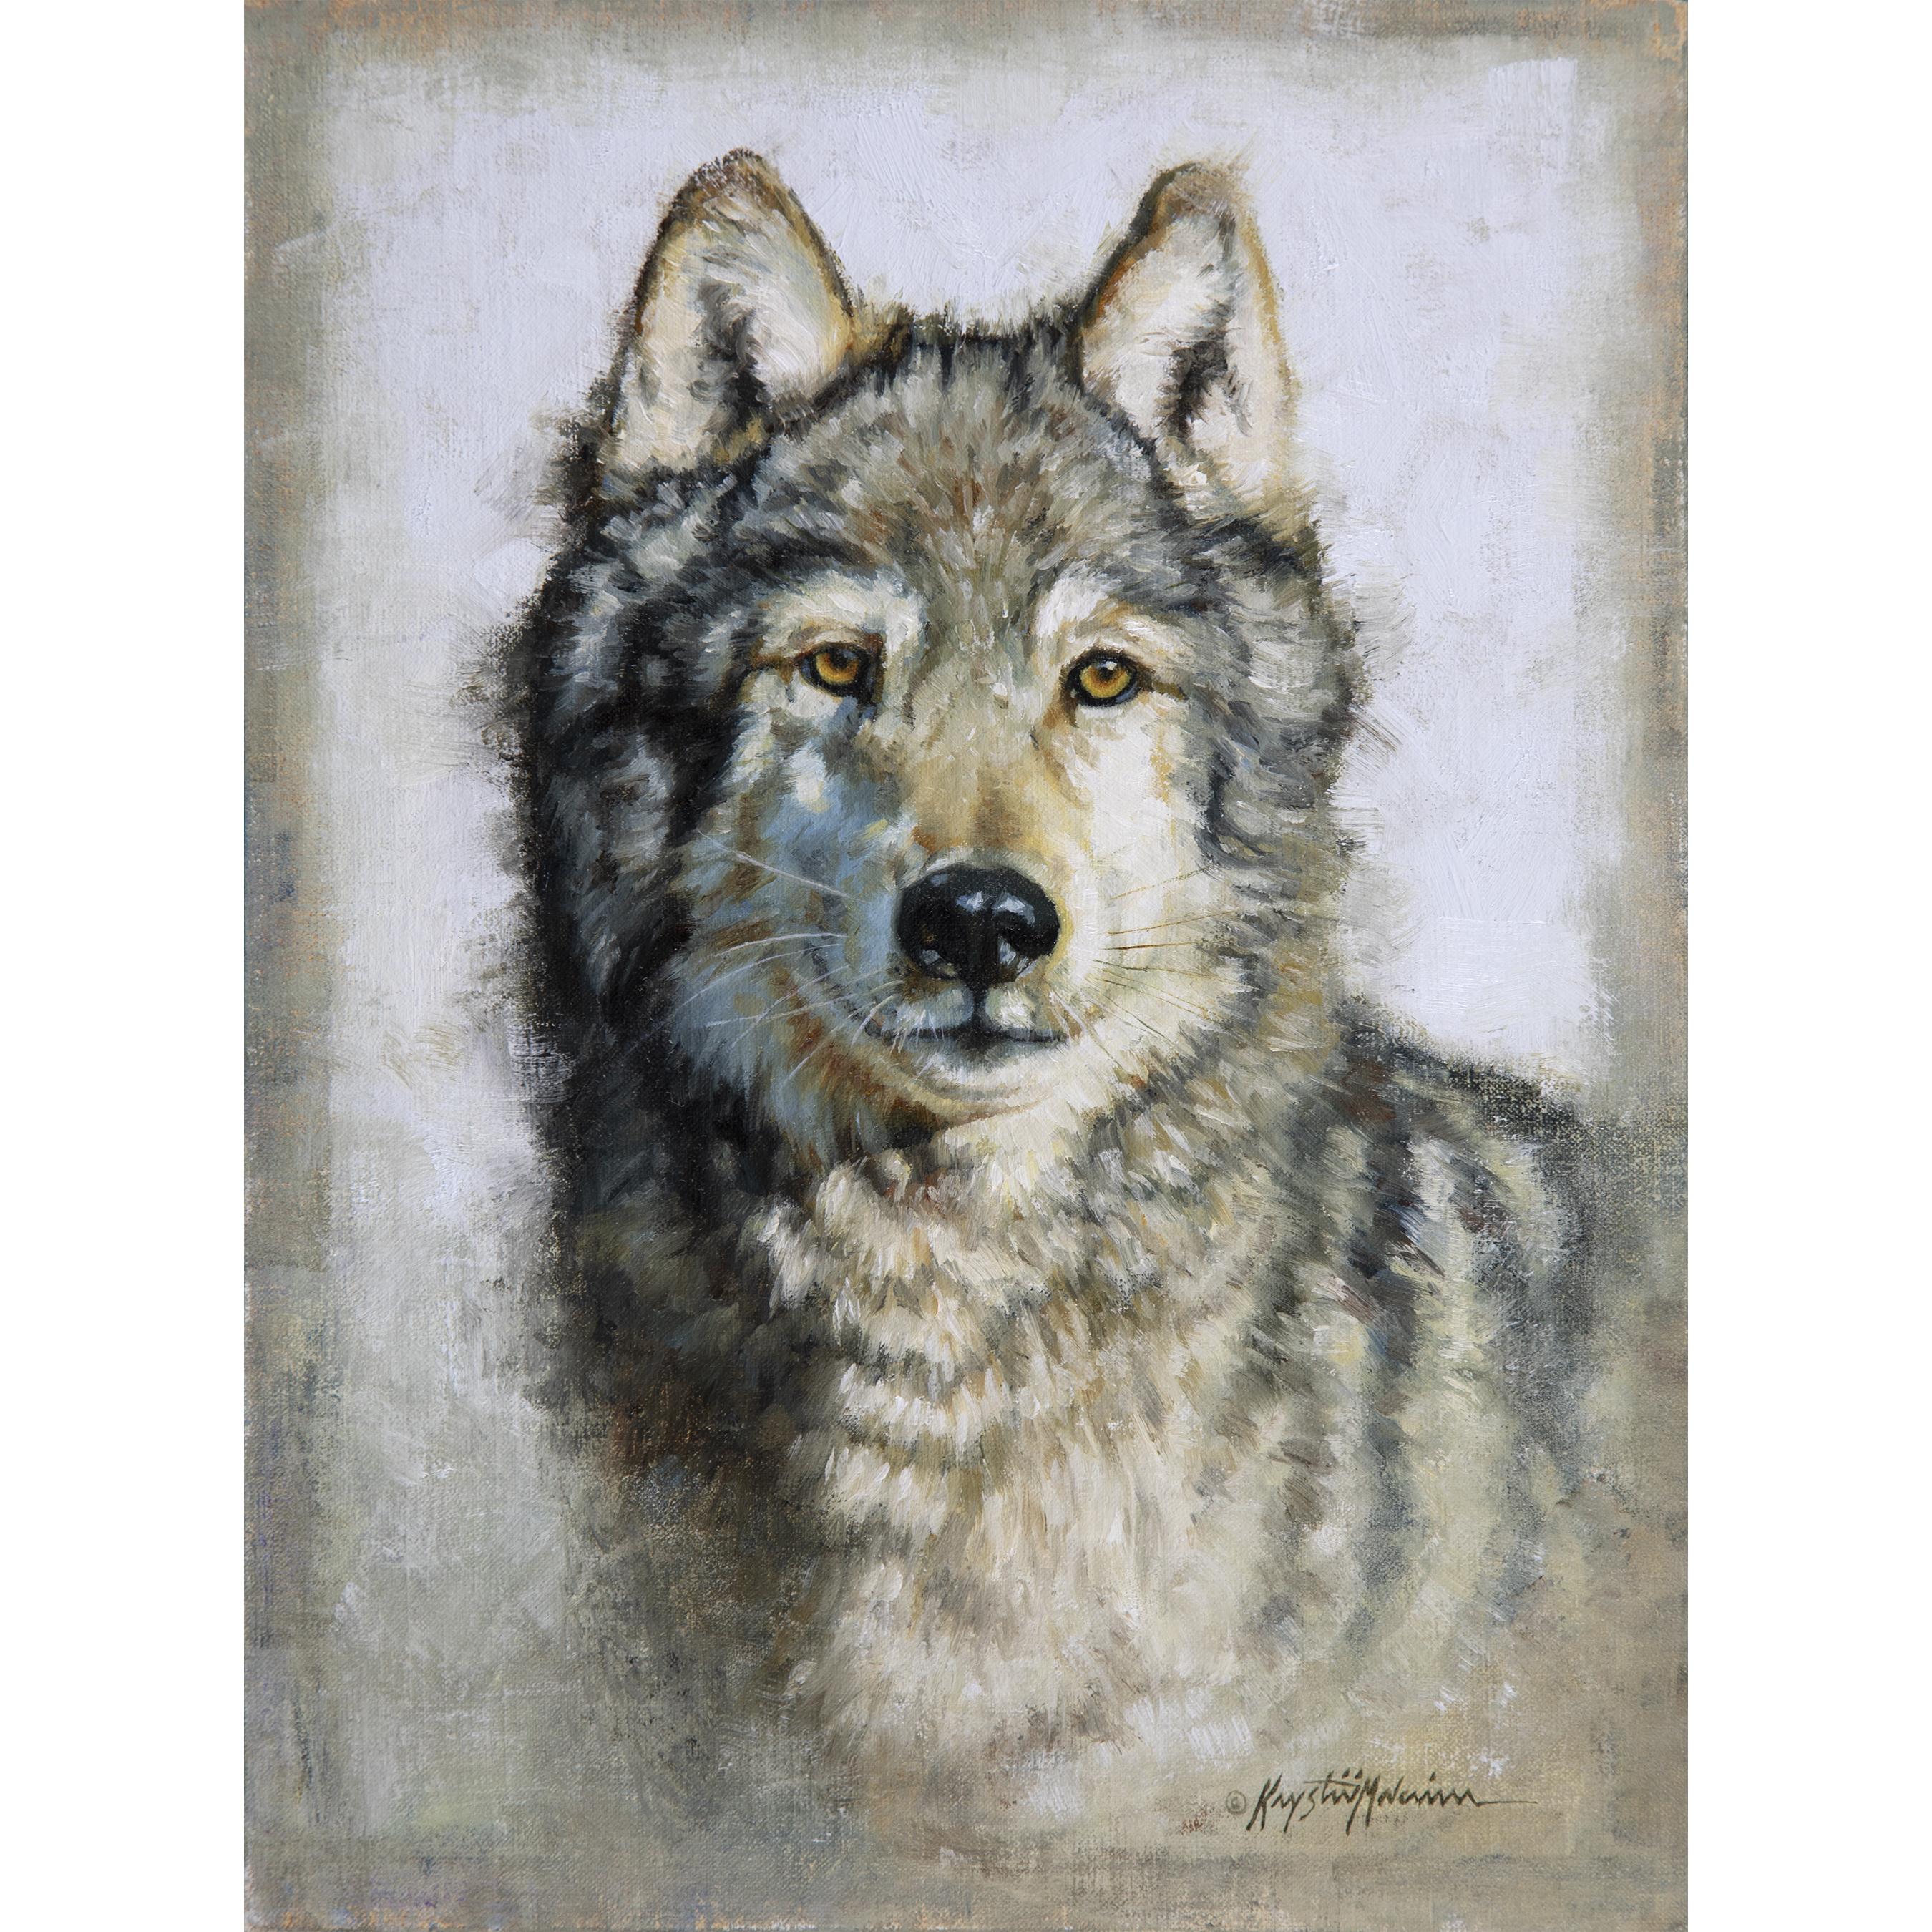 The Watcher, wolf portrait